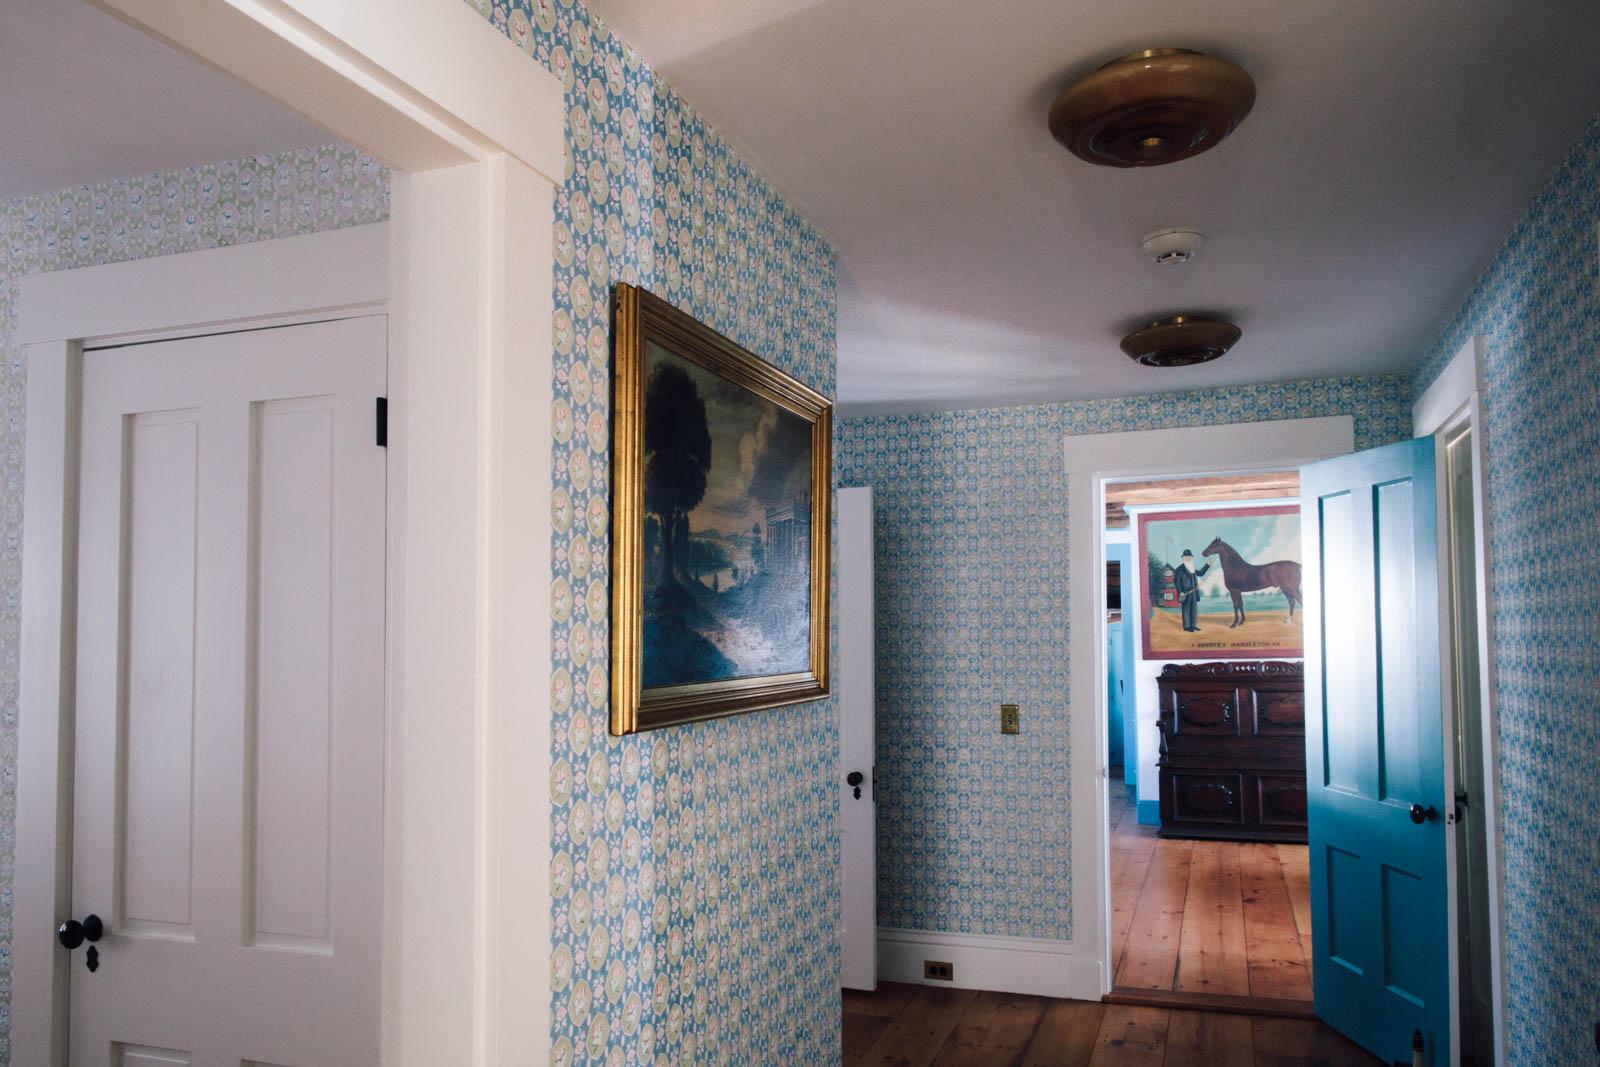 28 Jim_Wallpaper_Interior DS Hall-4Jim_Wallpaper_Interior DS Hall--4JA2A9420-min.jpg